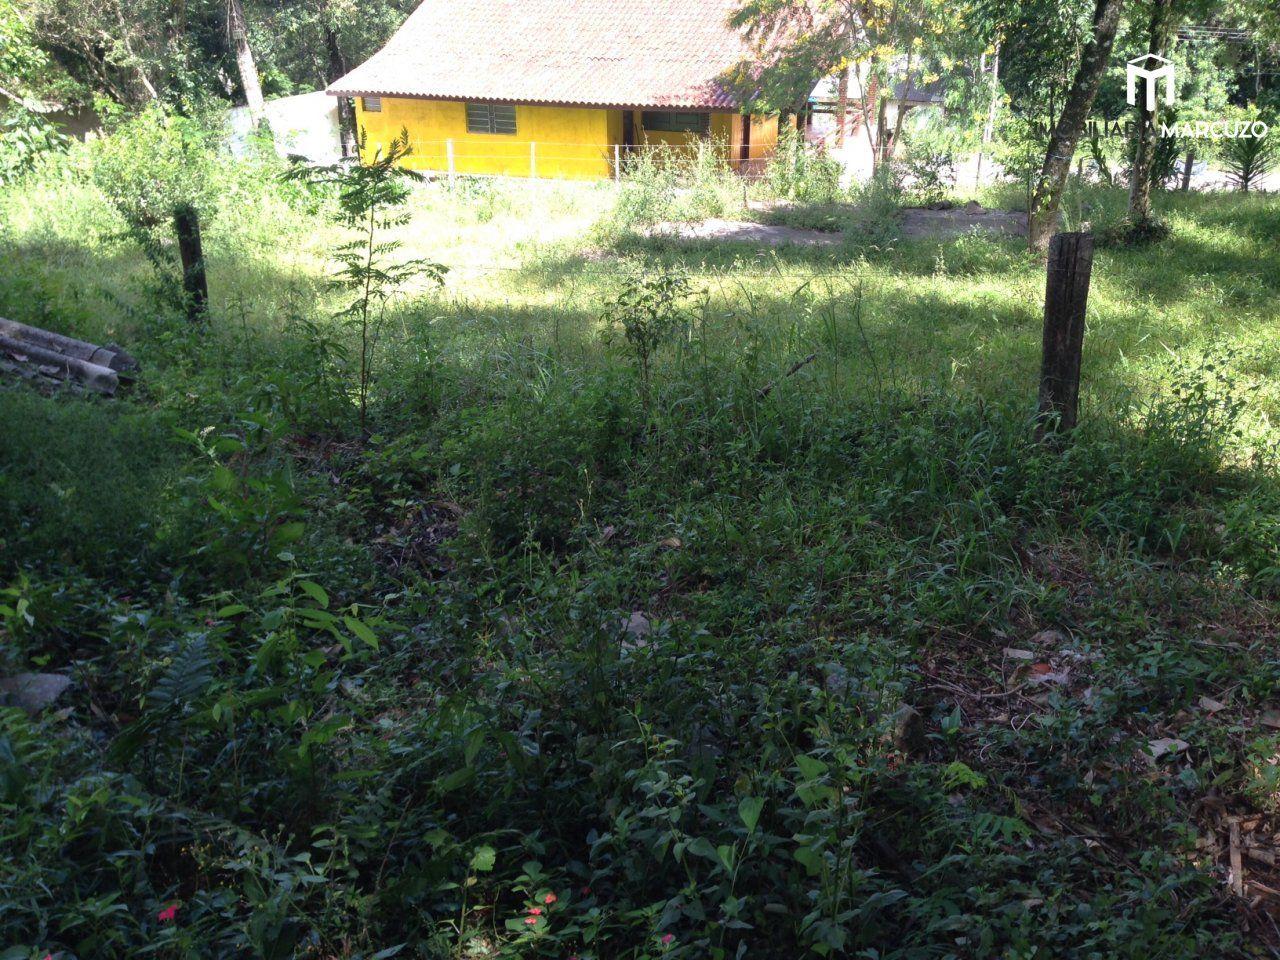 Terreno/Lote à venda, 2.339 m² por R$ 120.000,00